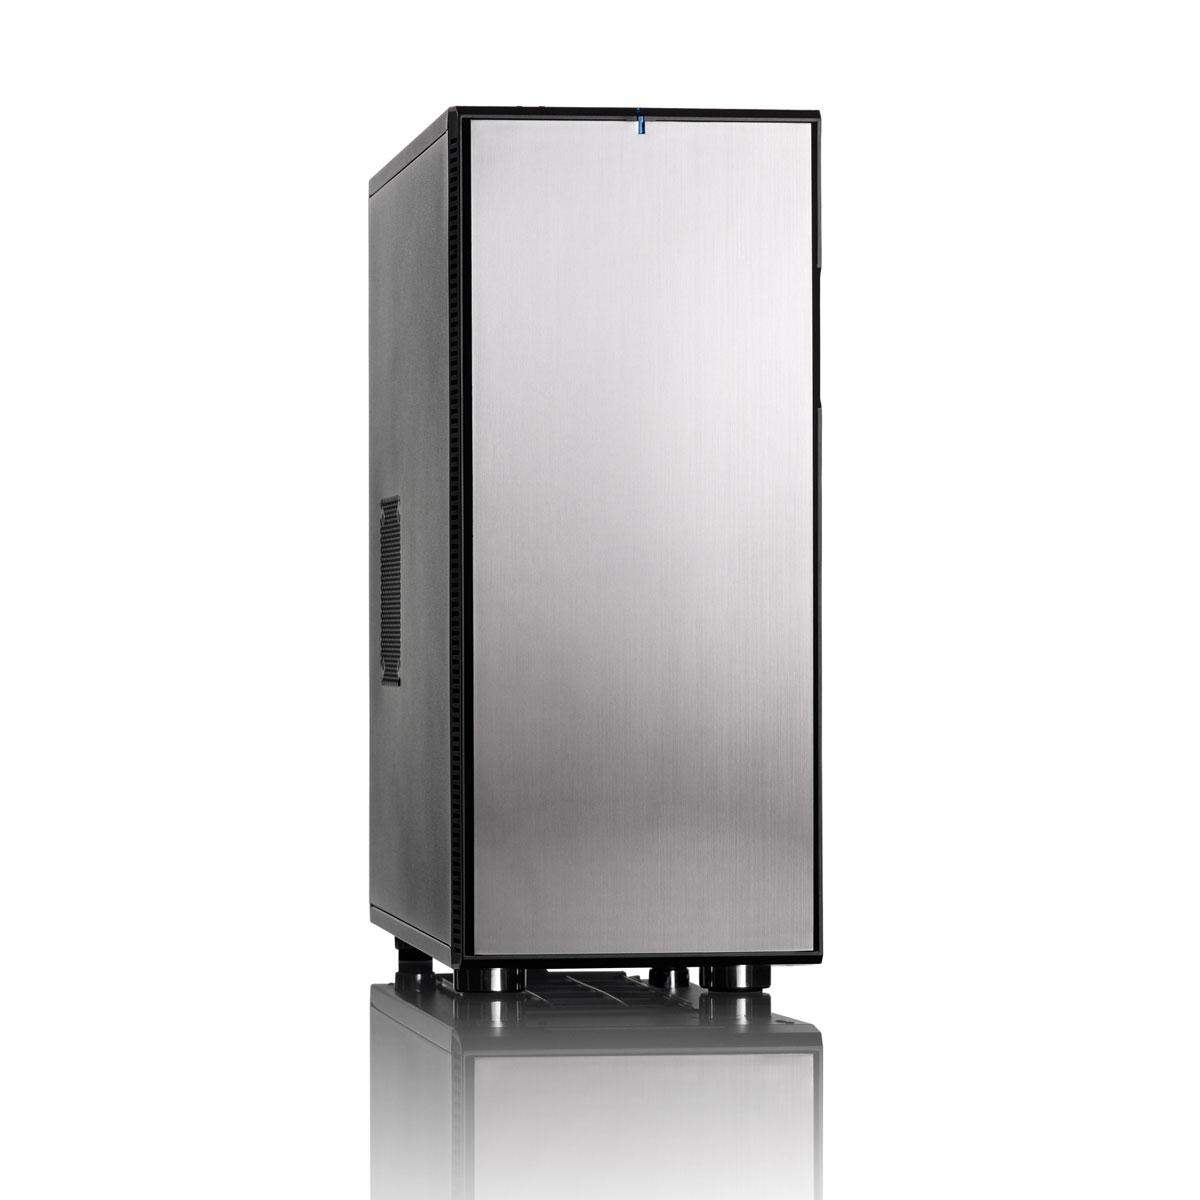 Boîtier PC Fractal Design Define XL R2 Titanium Grey Boîtier Grand Tour Gris/Noir